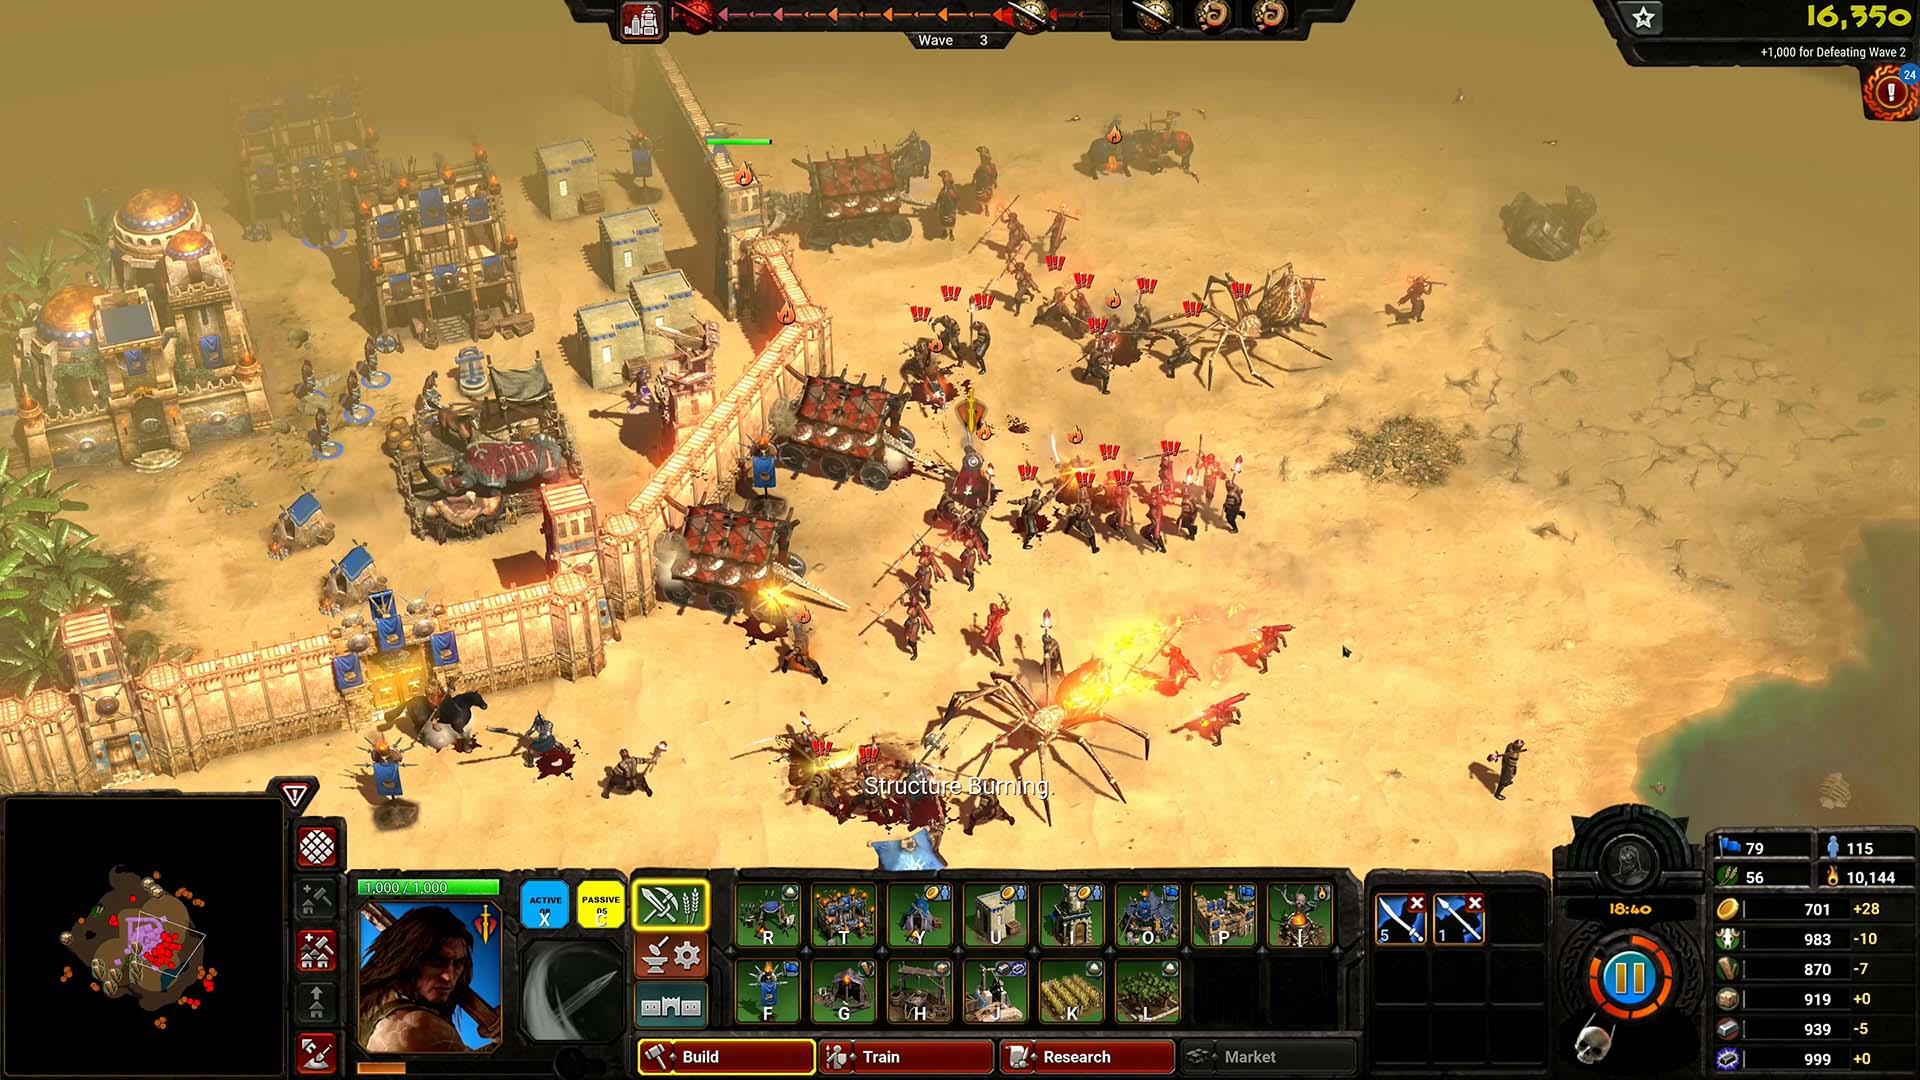 Conan-Unconquered-Monster-und-Soldaten-stürmen-die-Mauern